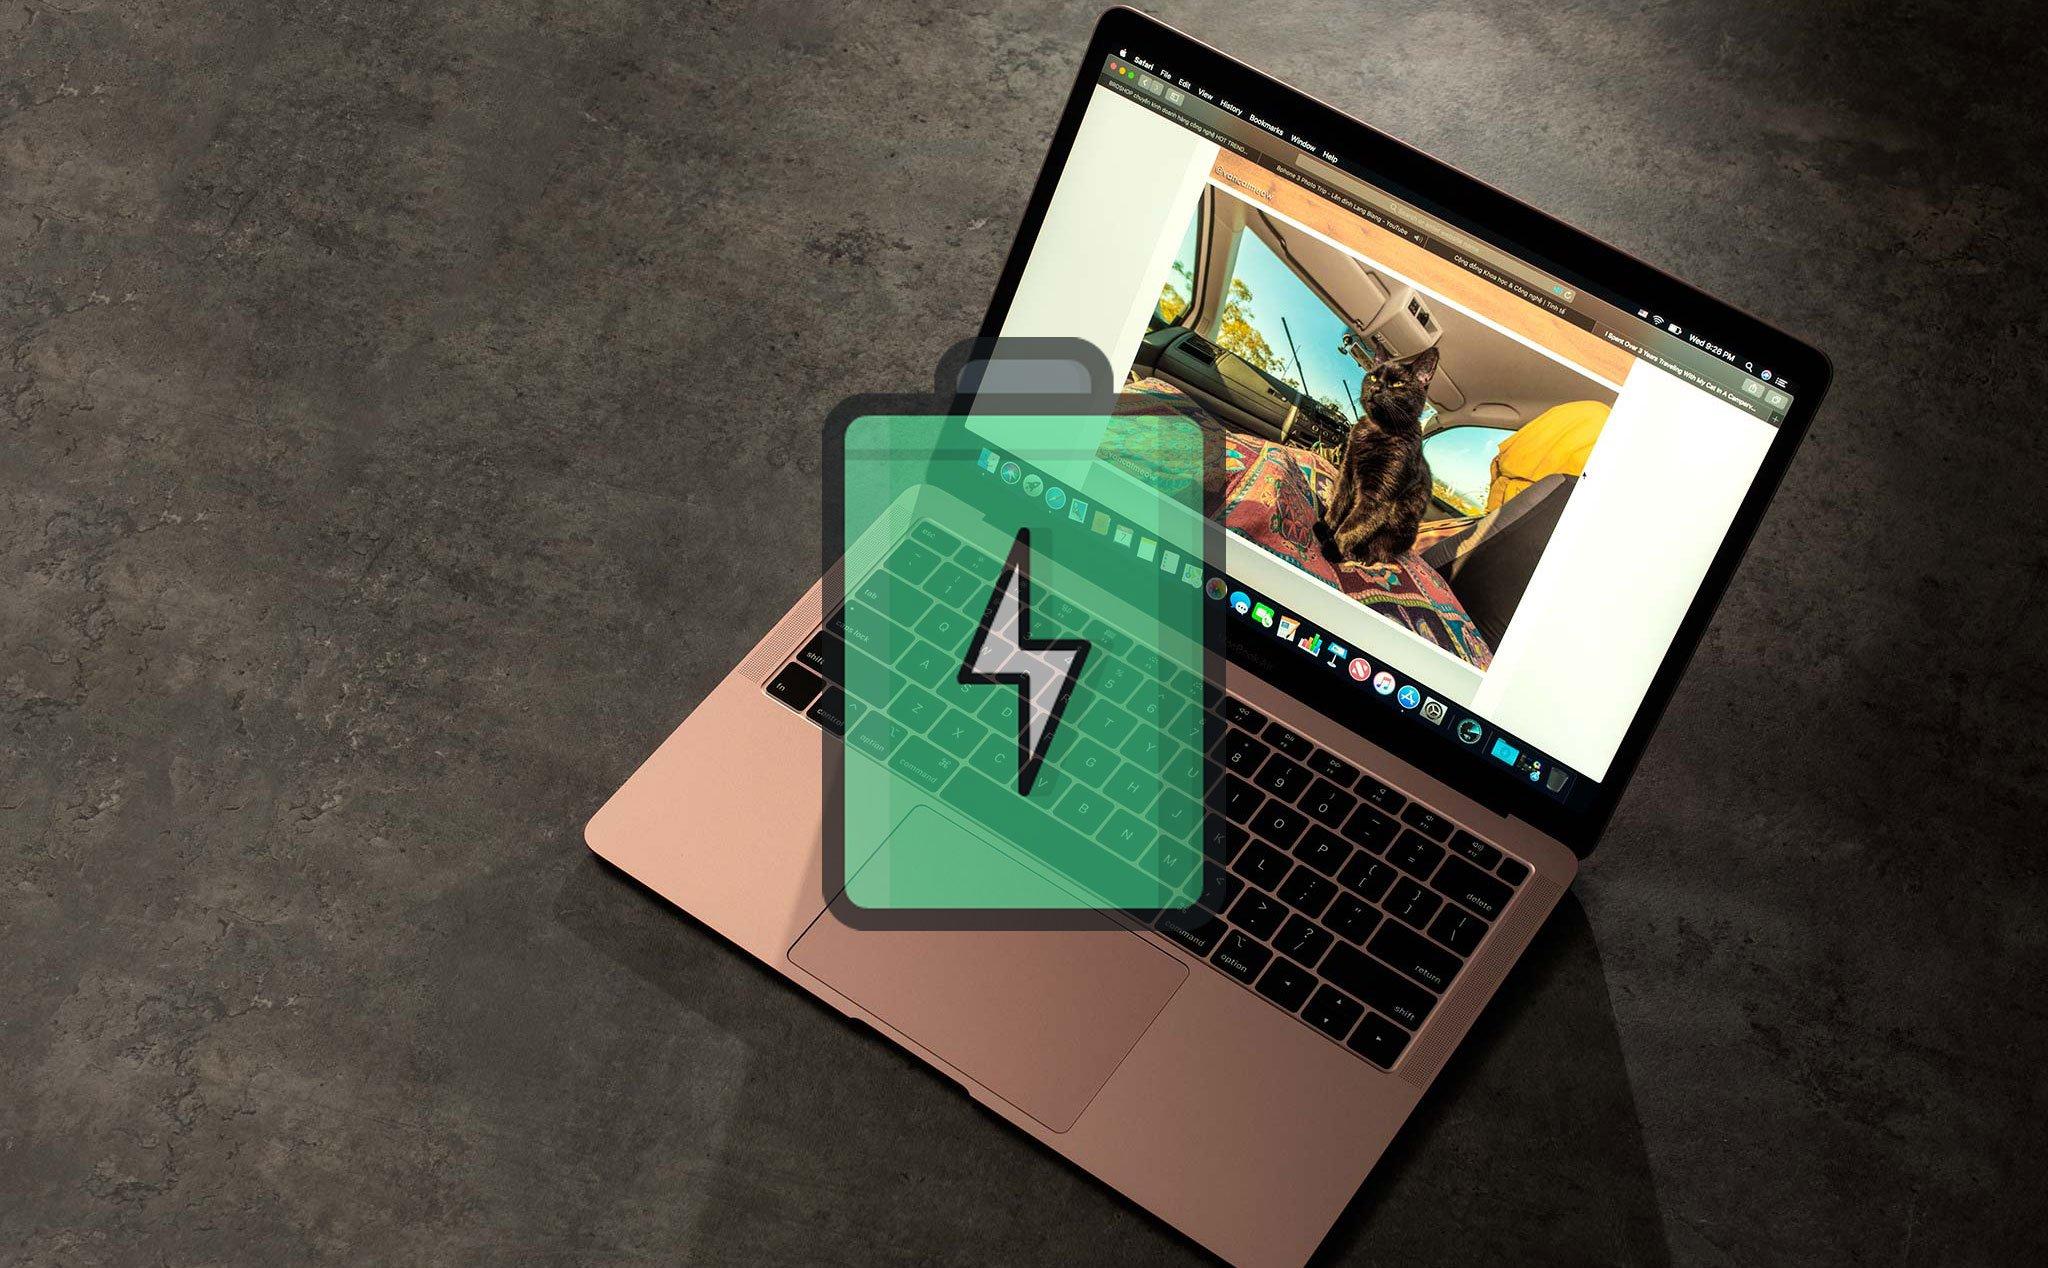 Dùng thử pin Macbook Air 2018: làm việc văn phòng 6 tiếng, Photoshop hơn 5 tiếng   Tinh tế